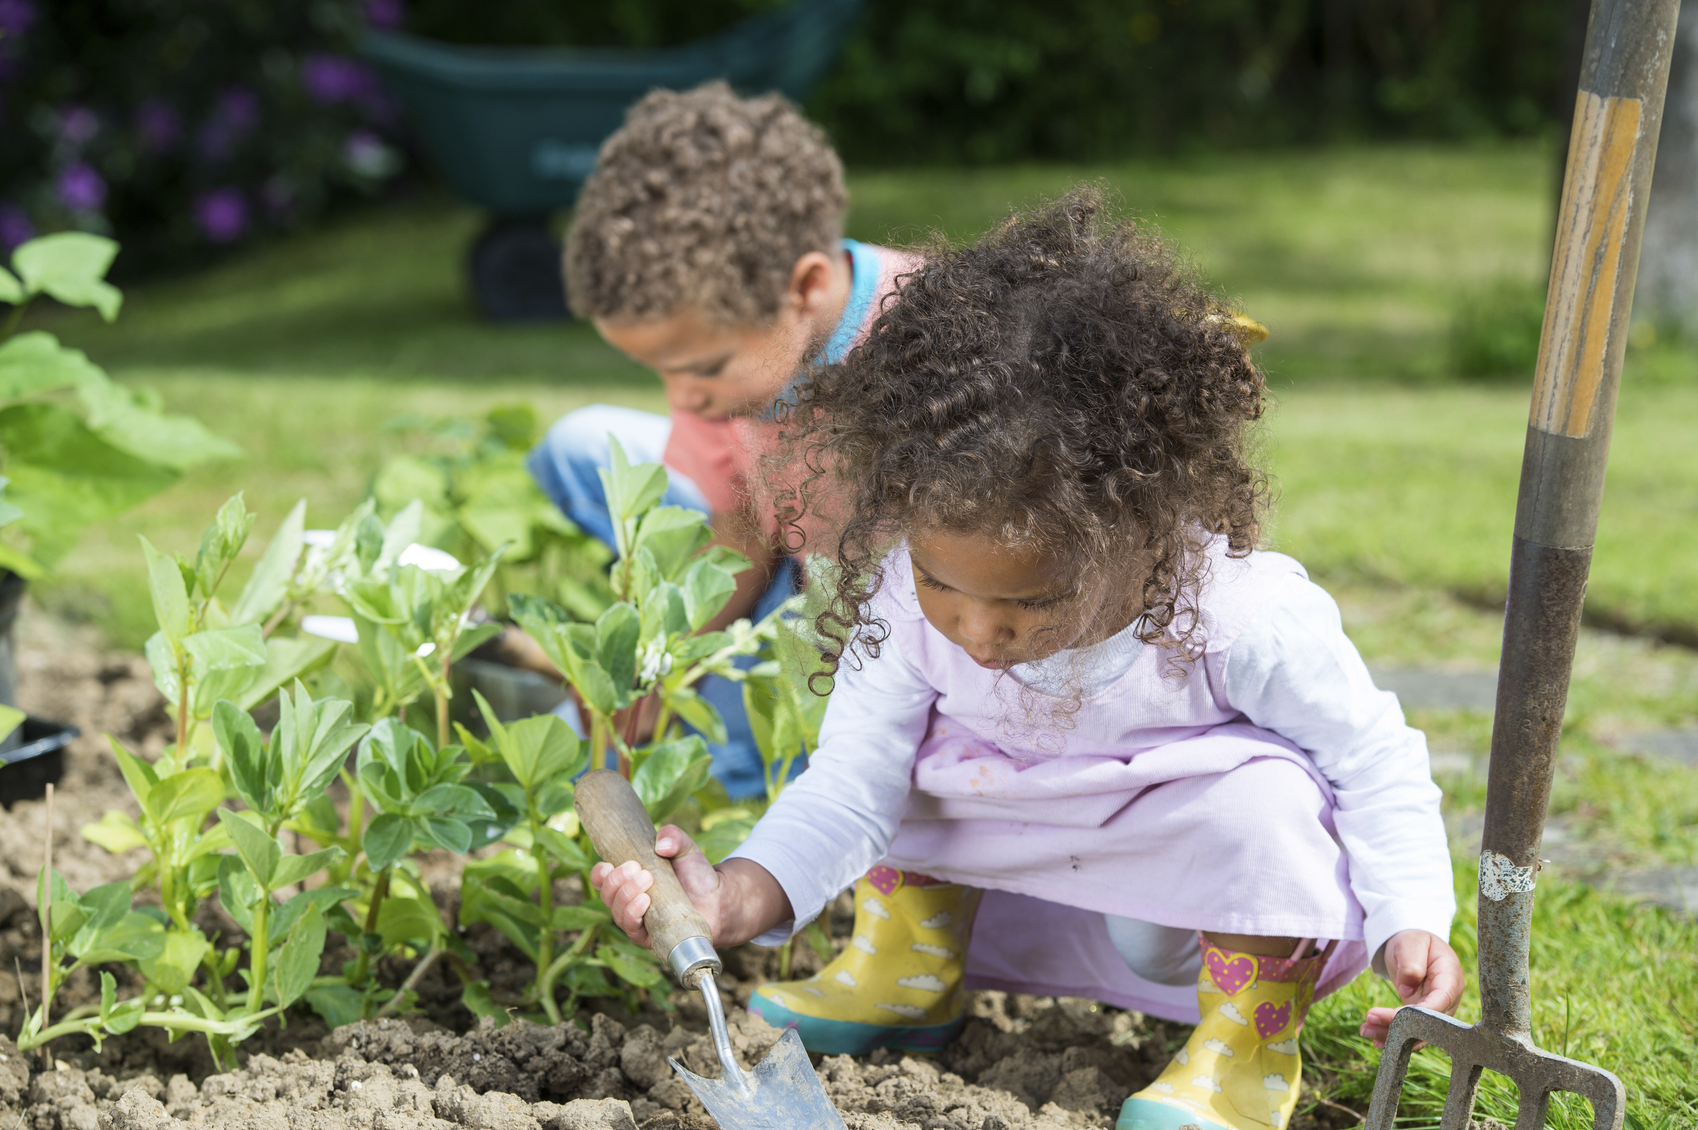 Cuidar las plantas y los animales